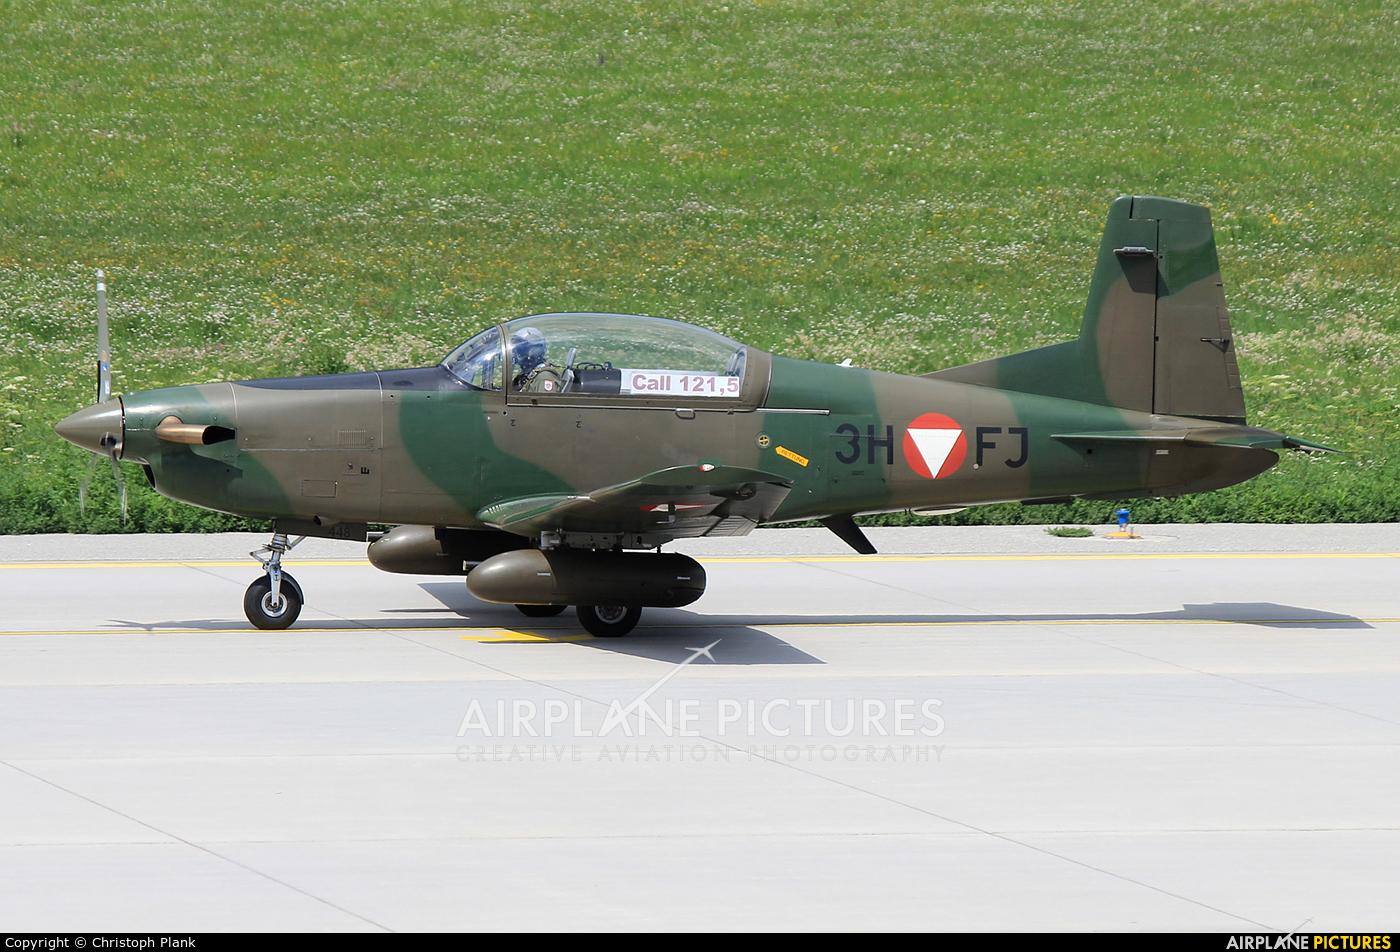 Austria - Air Force 3H-FJ aircraft at Innsbruck